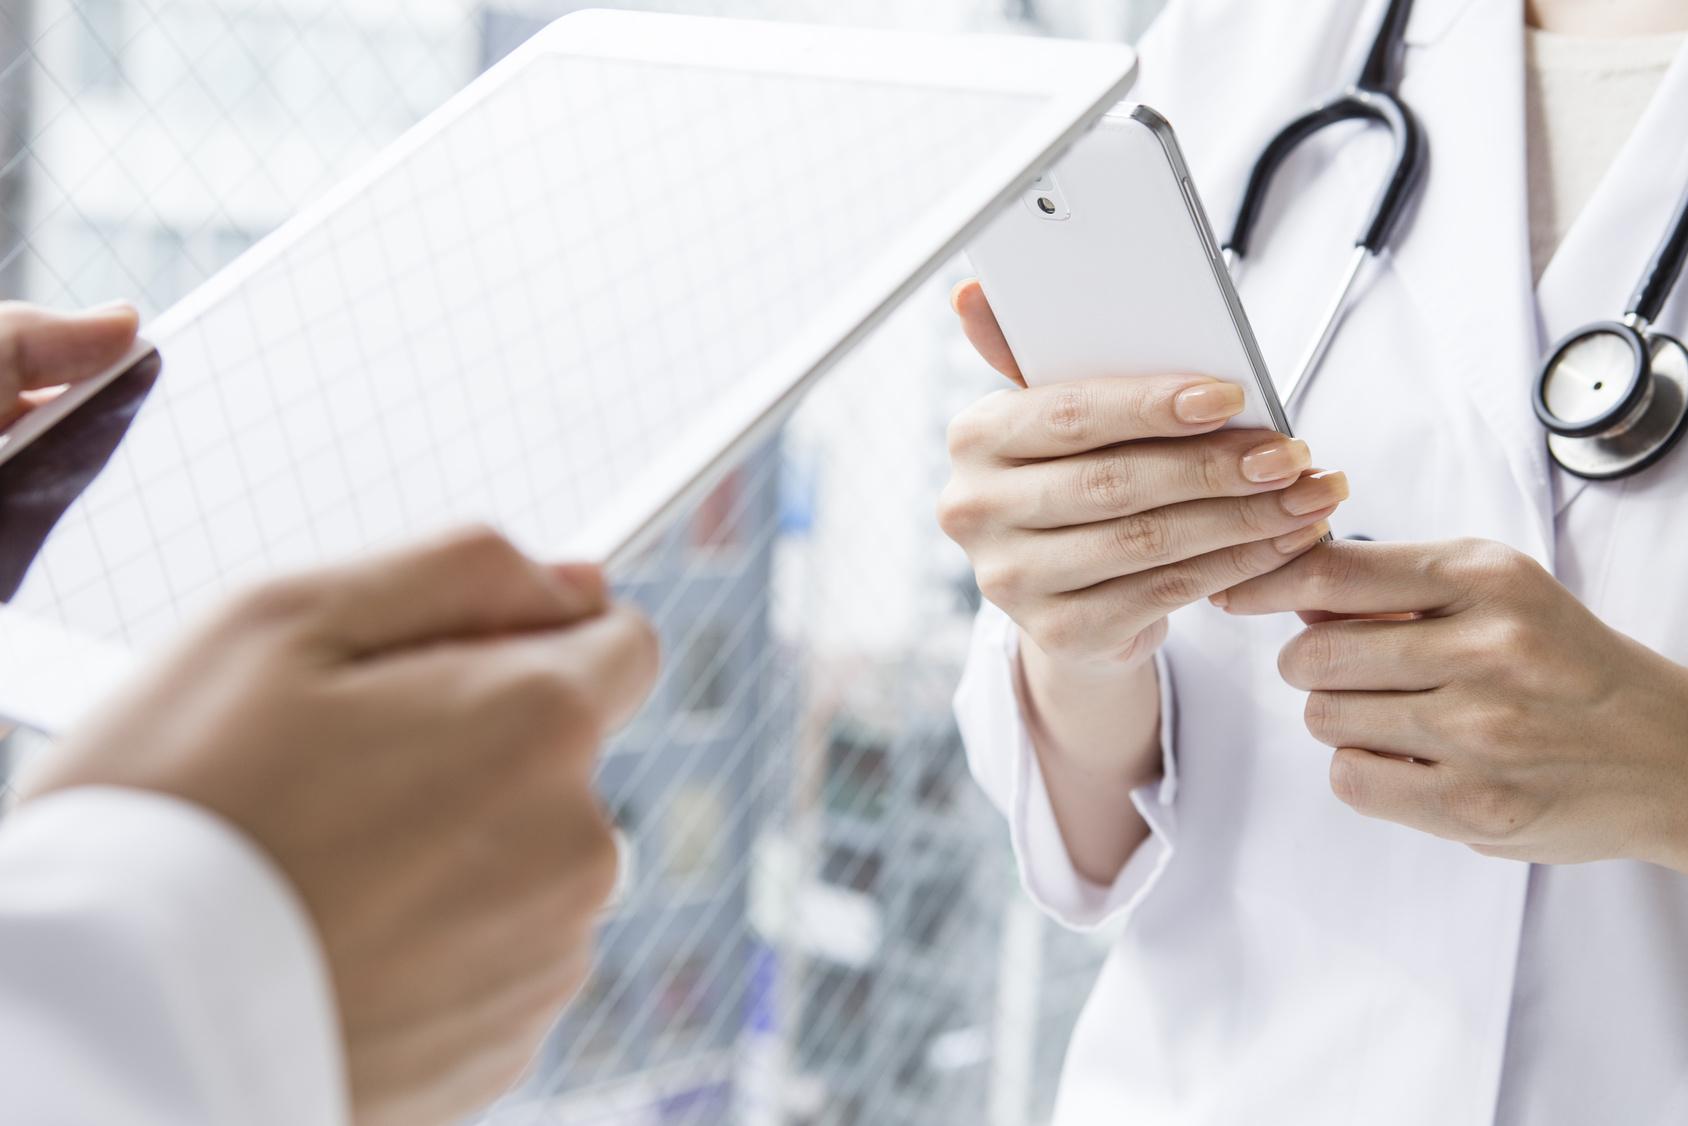 医者にスマホで健康相談ができるーレバノンeTobb(イートブ)